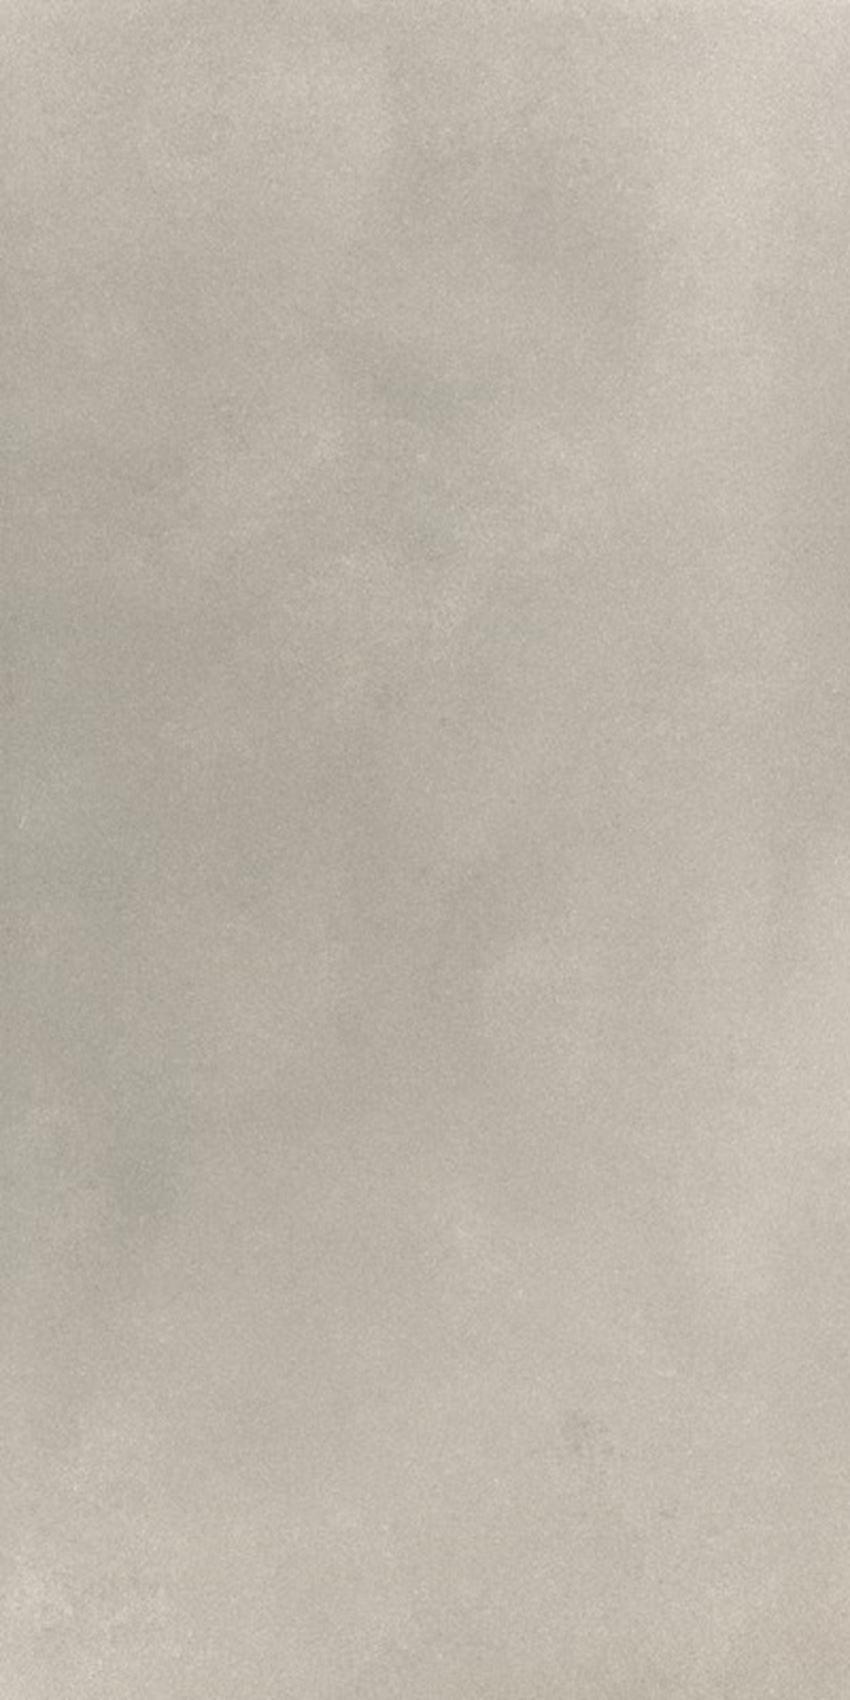 Płytka uniwersalna 59,7x119,7 cm Nowa Gala Neutro NU 12